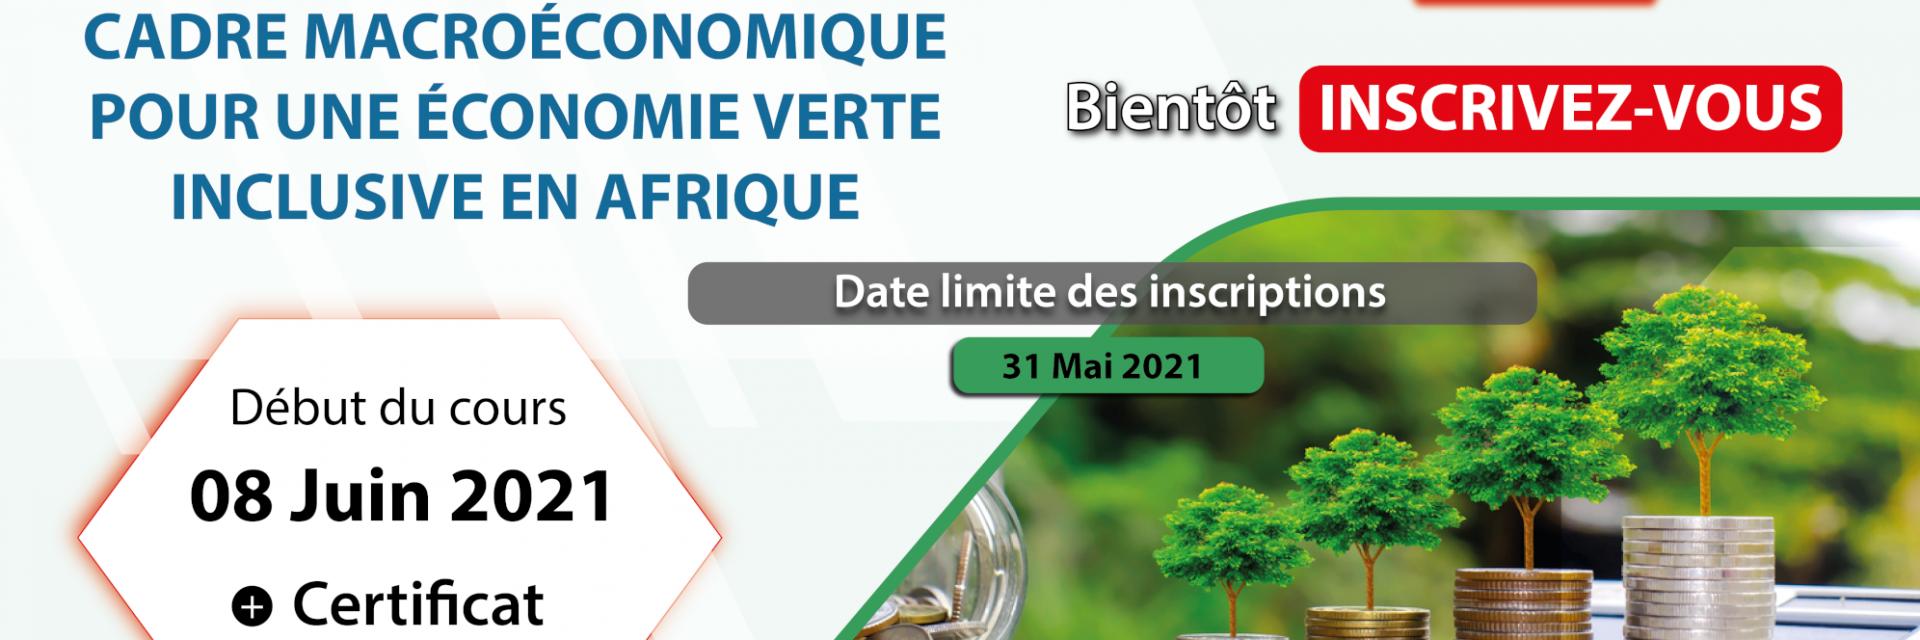 Cadre macroéconomique pour une économie verte inclusive en Afrique